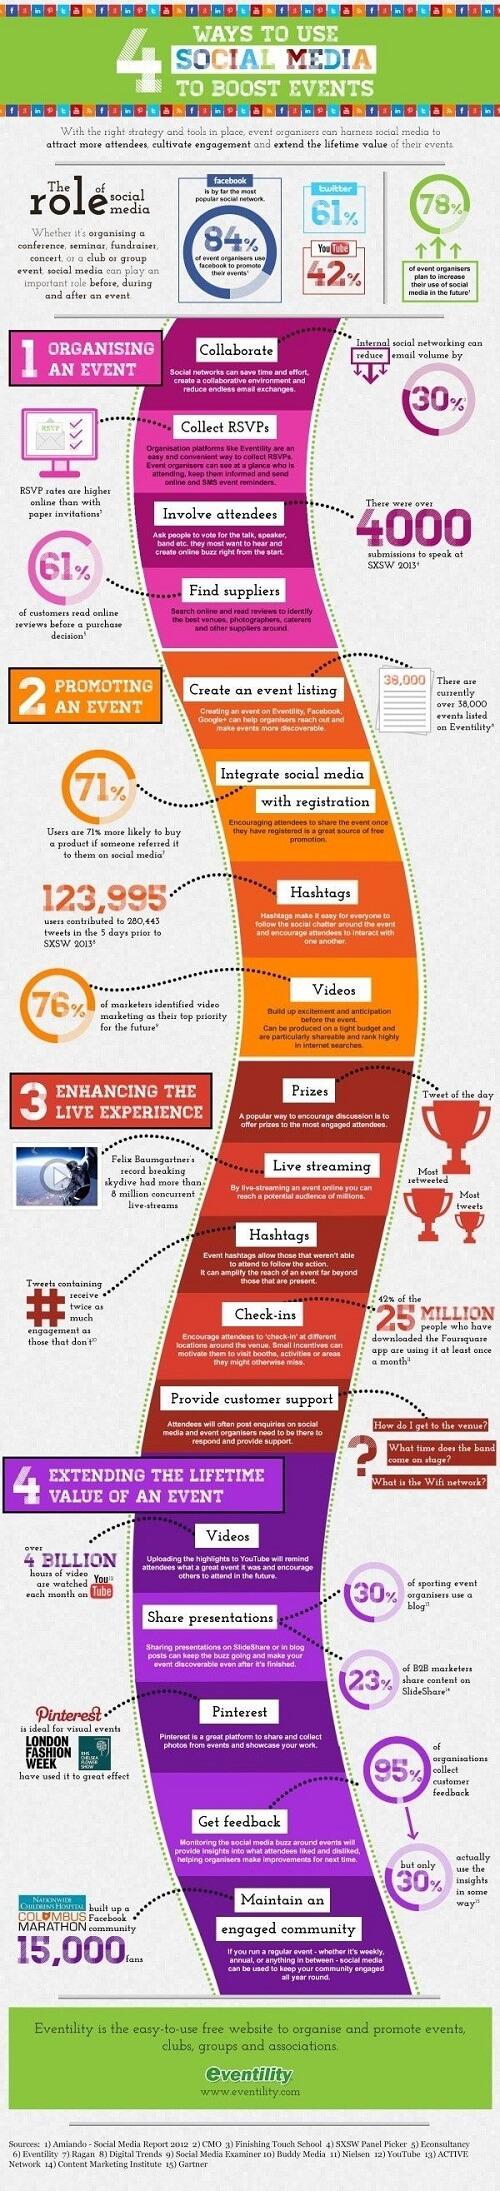 transmisiones en vivo en redes sociales #infografía